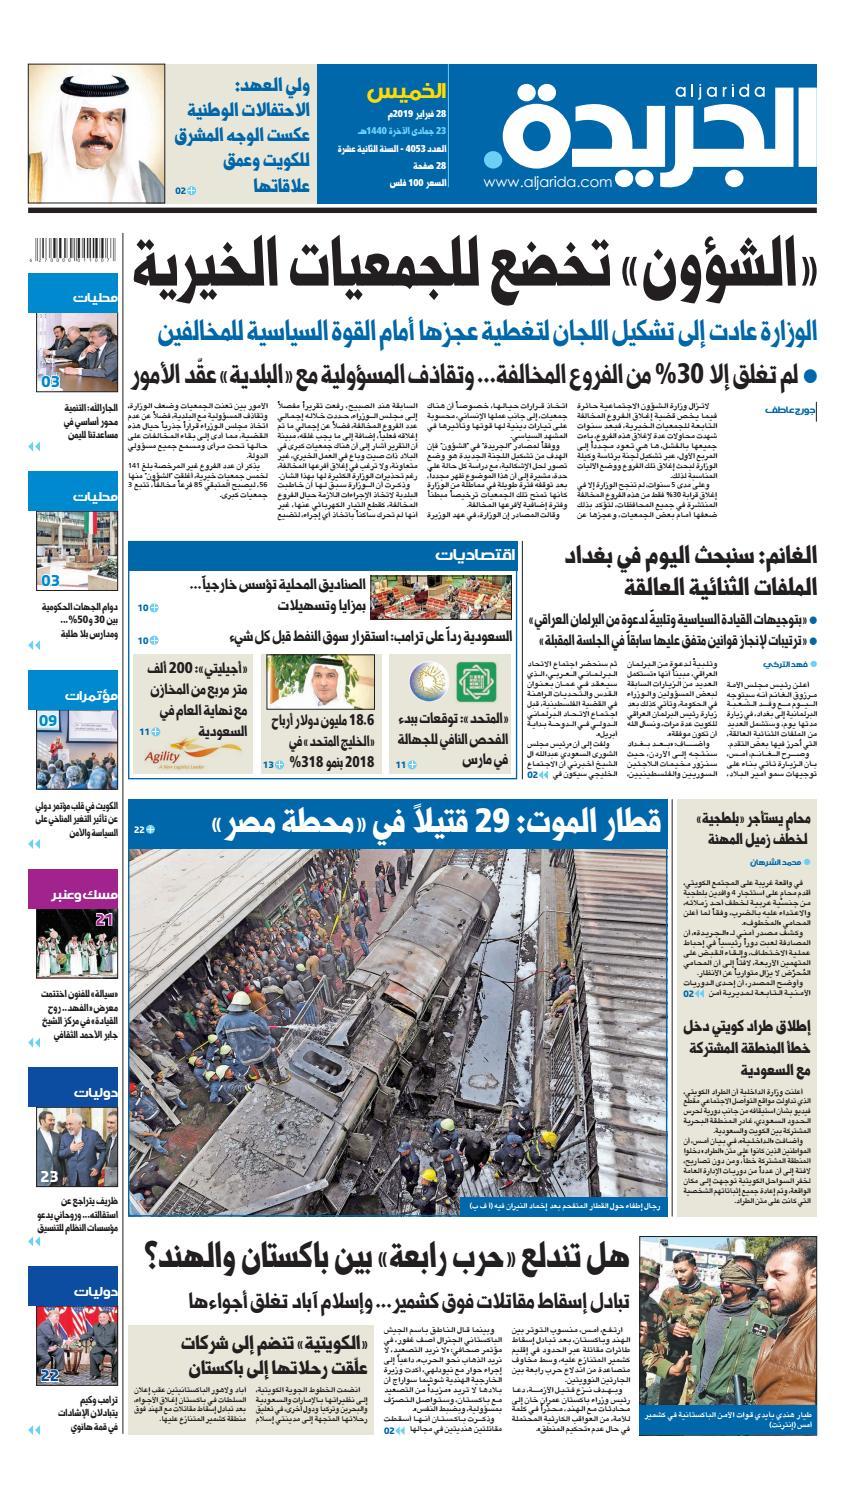 808594298 عدد الجريدة الخميس 28 فبراير 2019 by Aljarida Newspaper - issuu